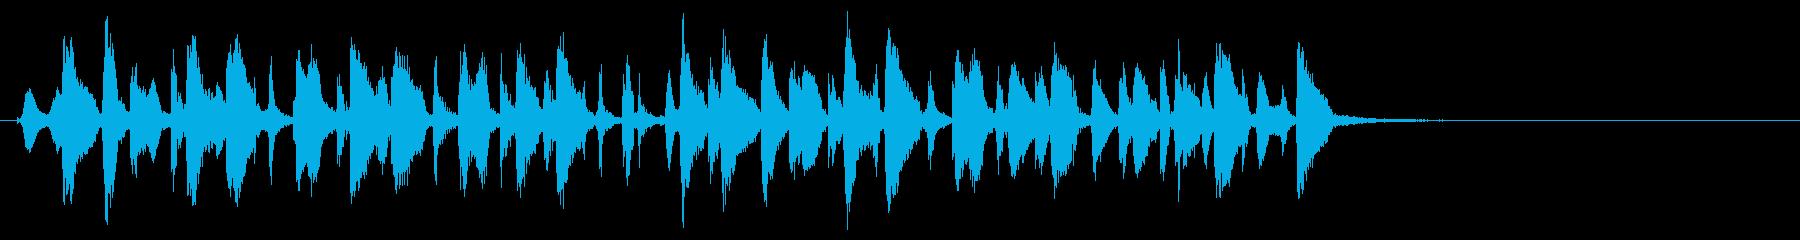 生演奏フルート/ごきげんお嬢様のジングルの再生済みの波形